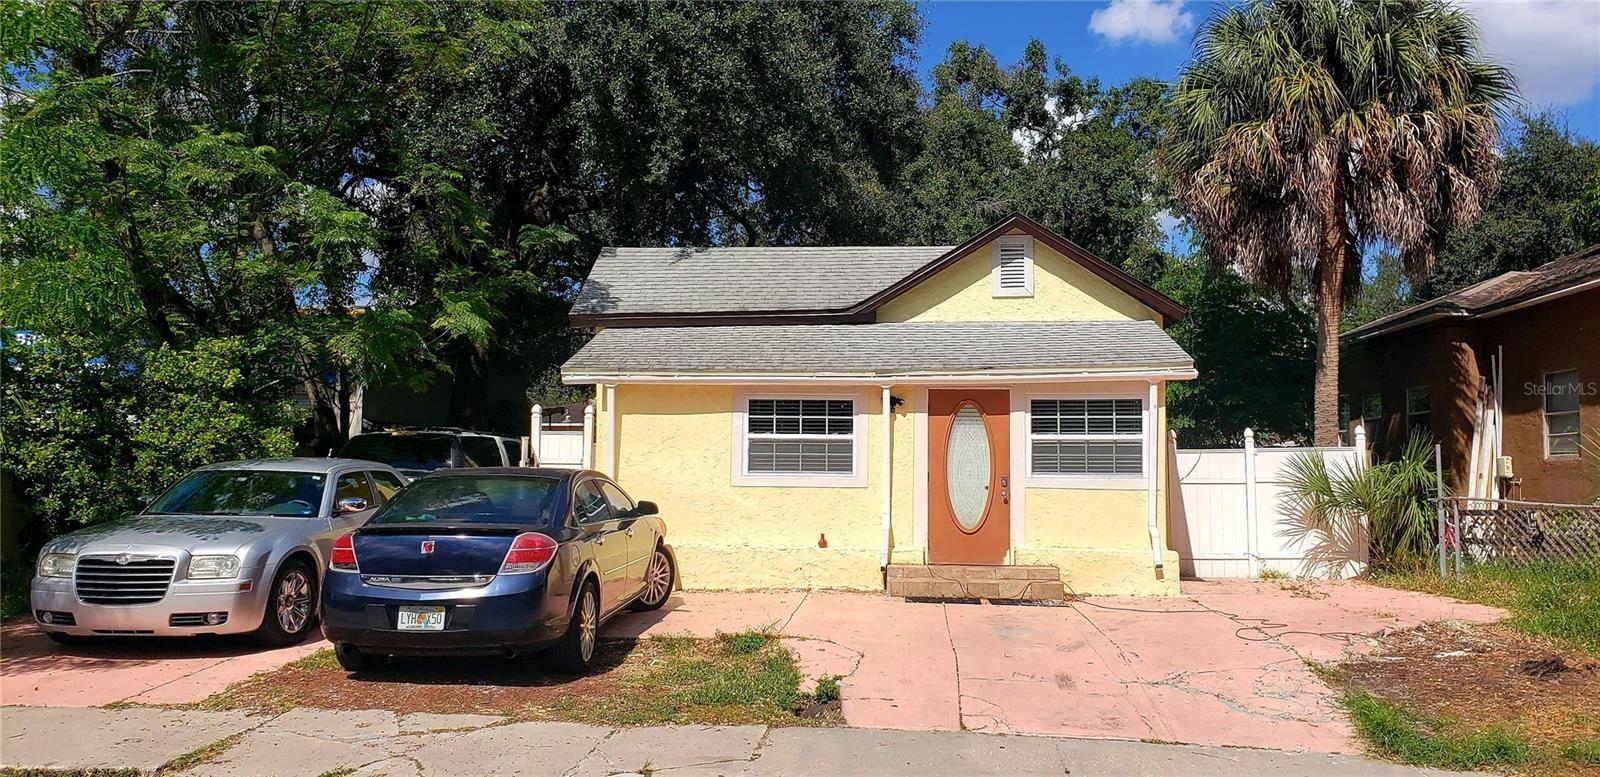 2335 W SAINT JOHN ST STREET, Tampa, FL 33607 - #: T3334756